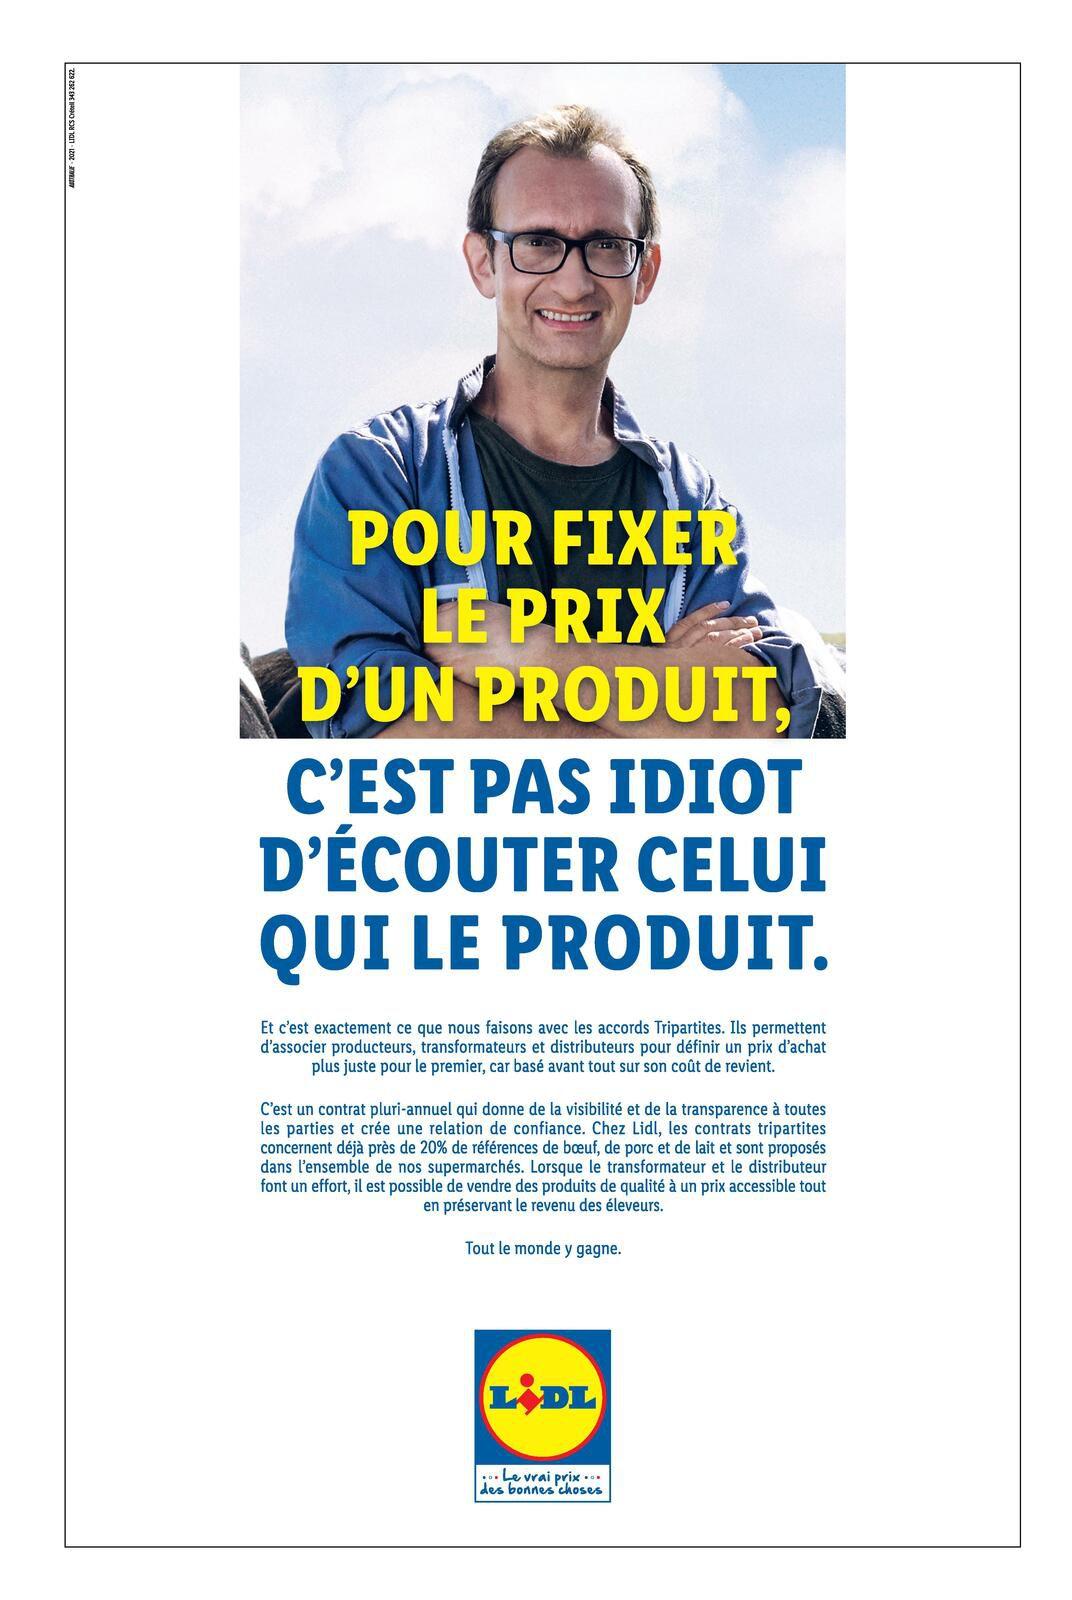 L'Hebdo, semaine du 10 au 16 mars